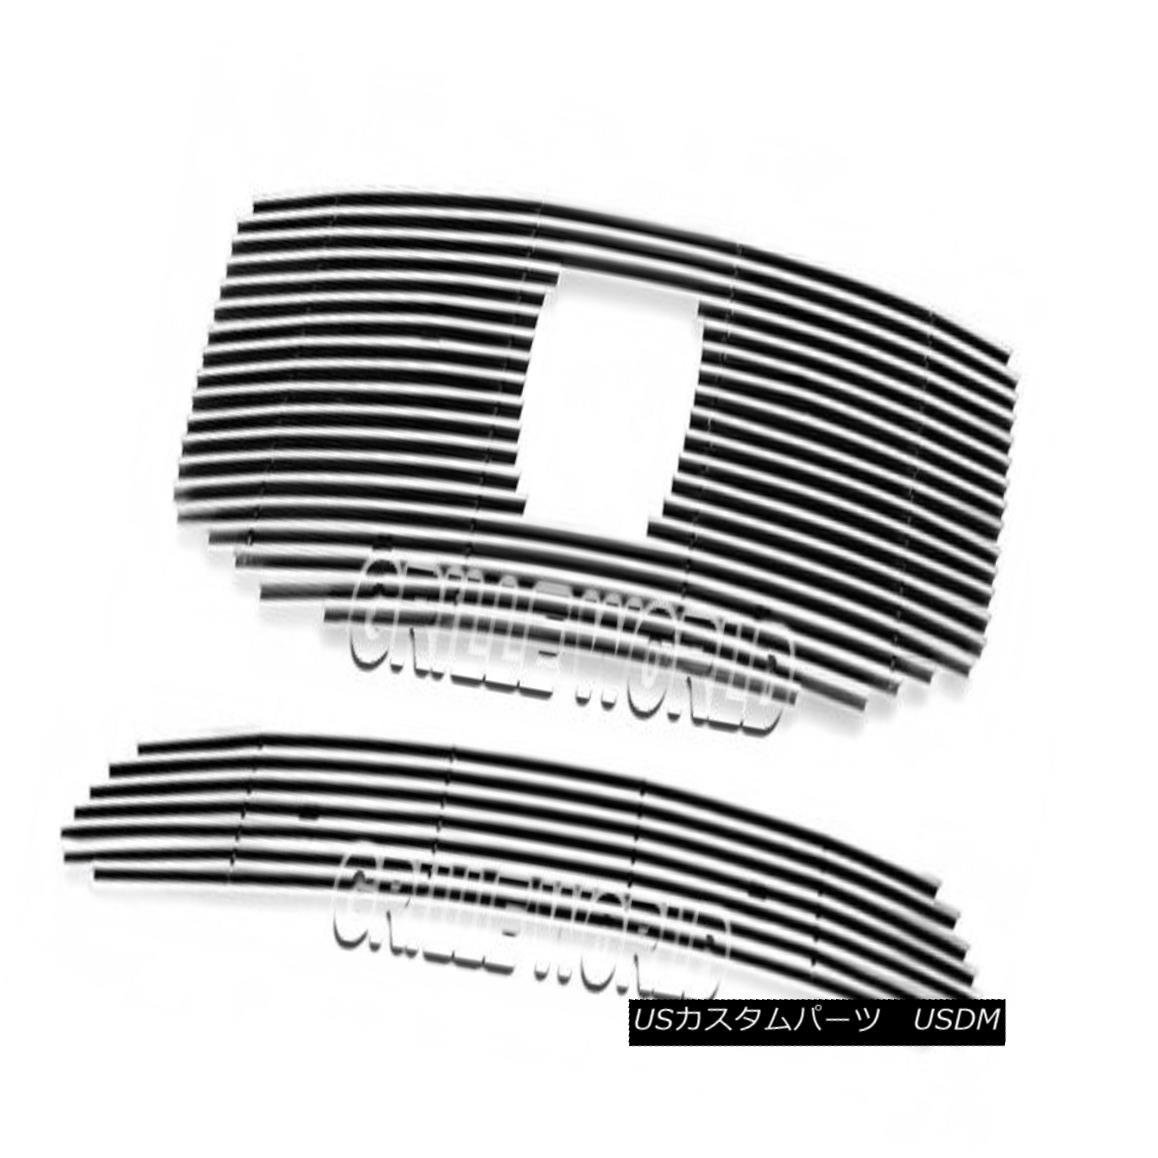 グリル For 2012-2013 Honda Pilot Billet Premium Grille Grill Insert Combo 2012-2013ホンダパイロットビレットプレミアムグリルグリルインサートコンボ用